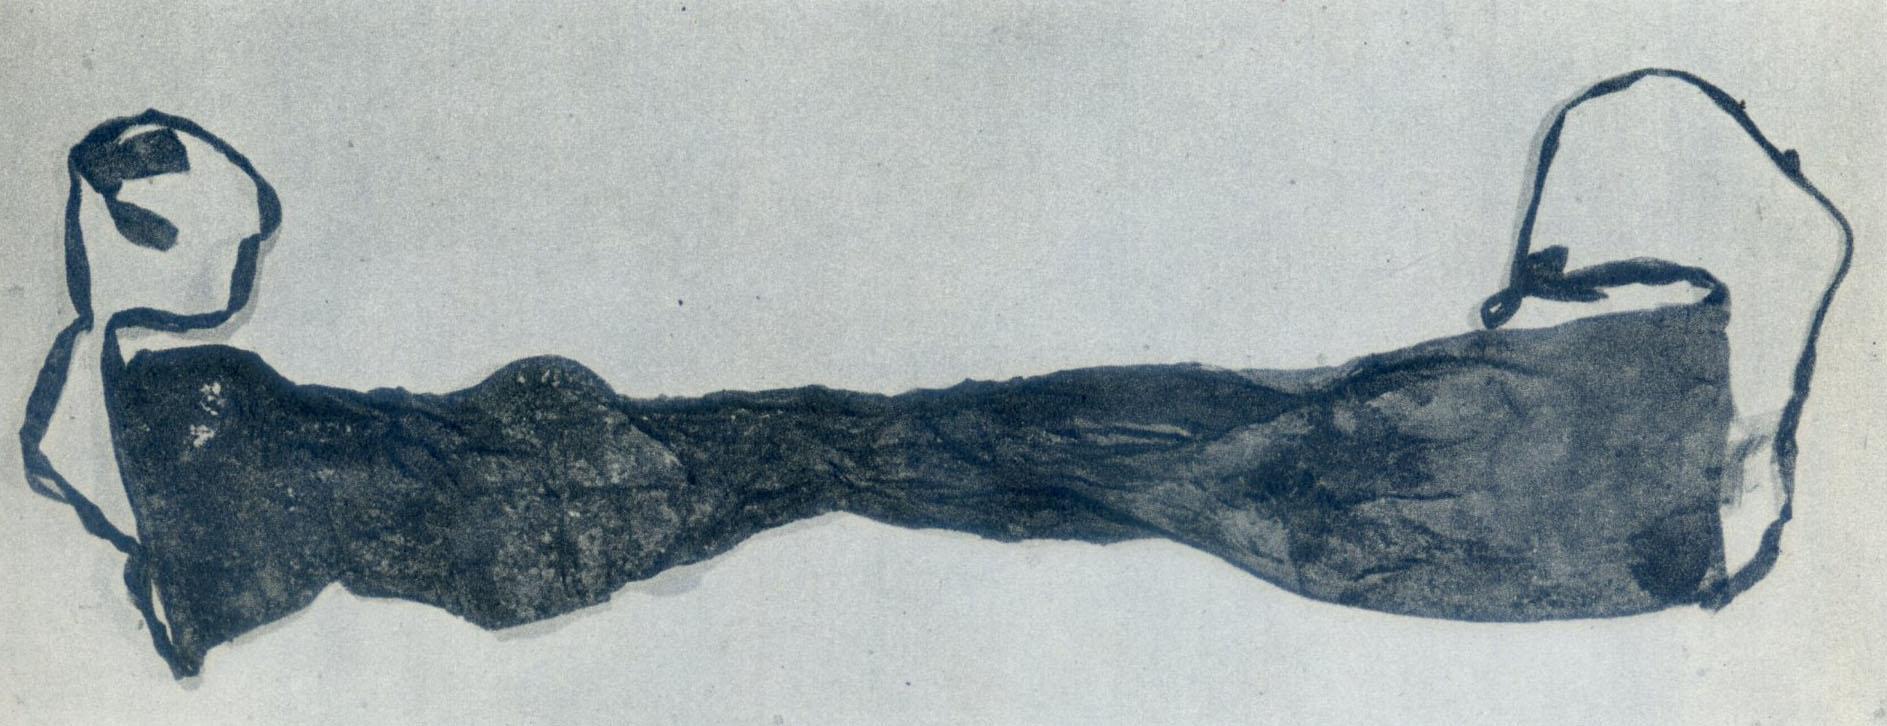 古代衛生棉的首度發現(7)